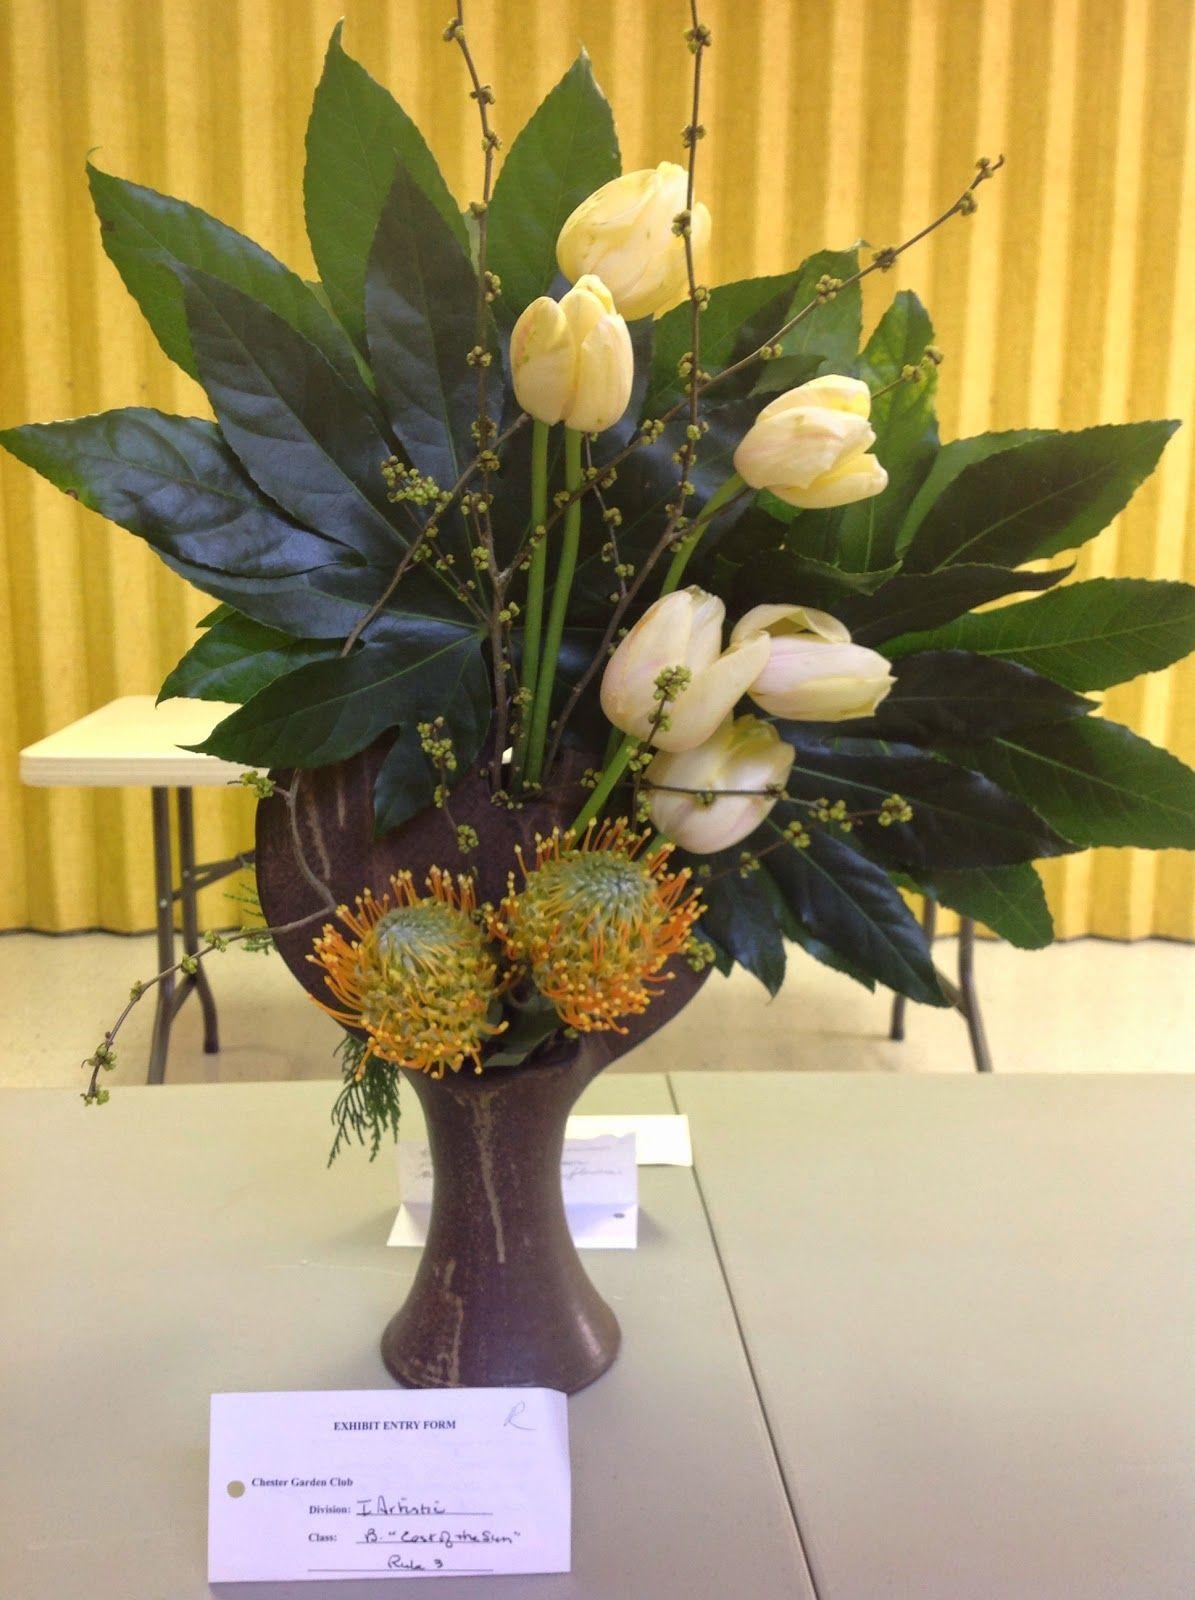 new garden club journal a duo floral design flower arrangement